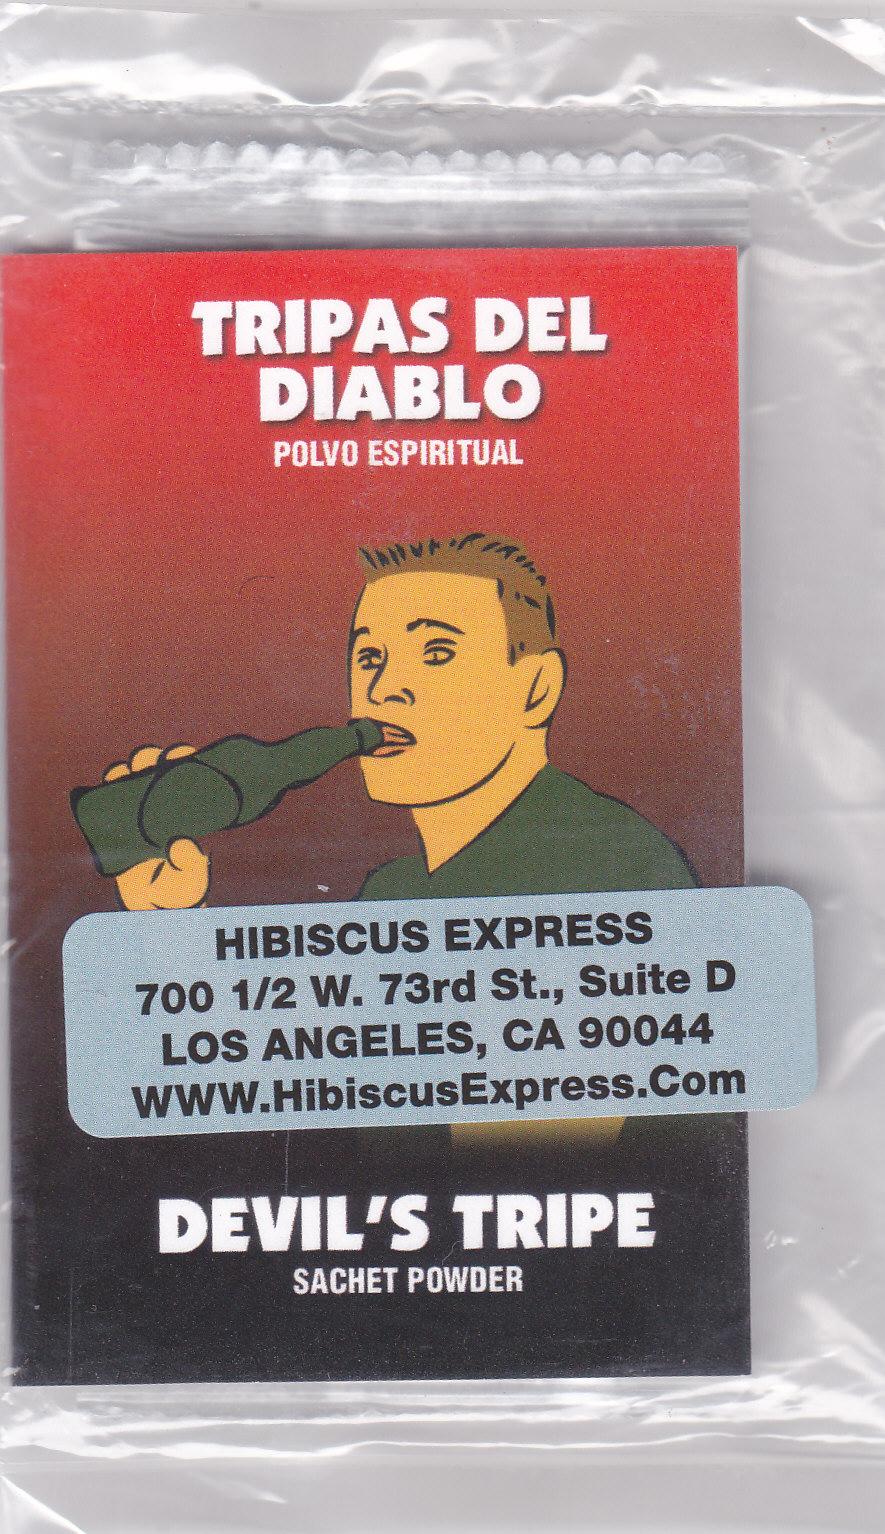 Buy Tripas del Diablo POLVO - Legítimo Polvo Tripas del Diablo at http://www.HibiscusExpress.Com